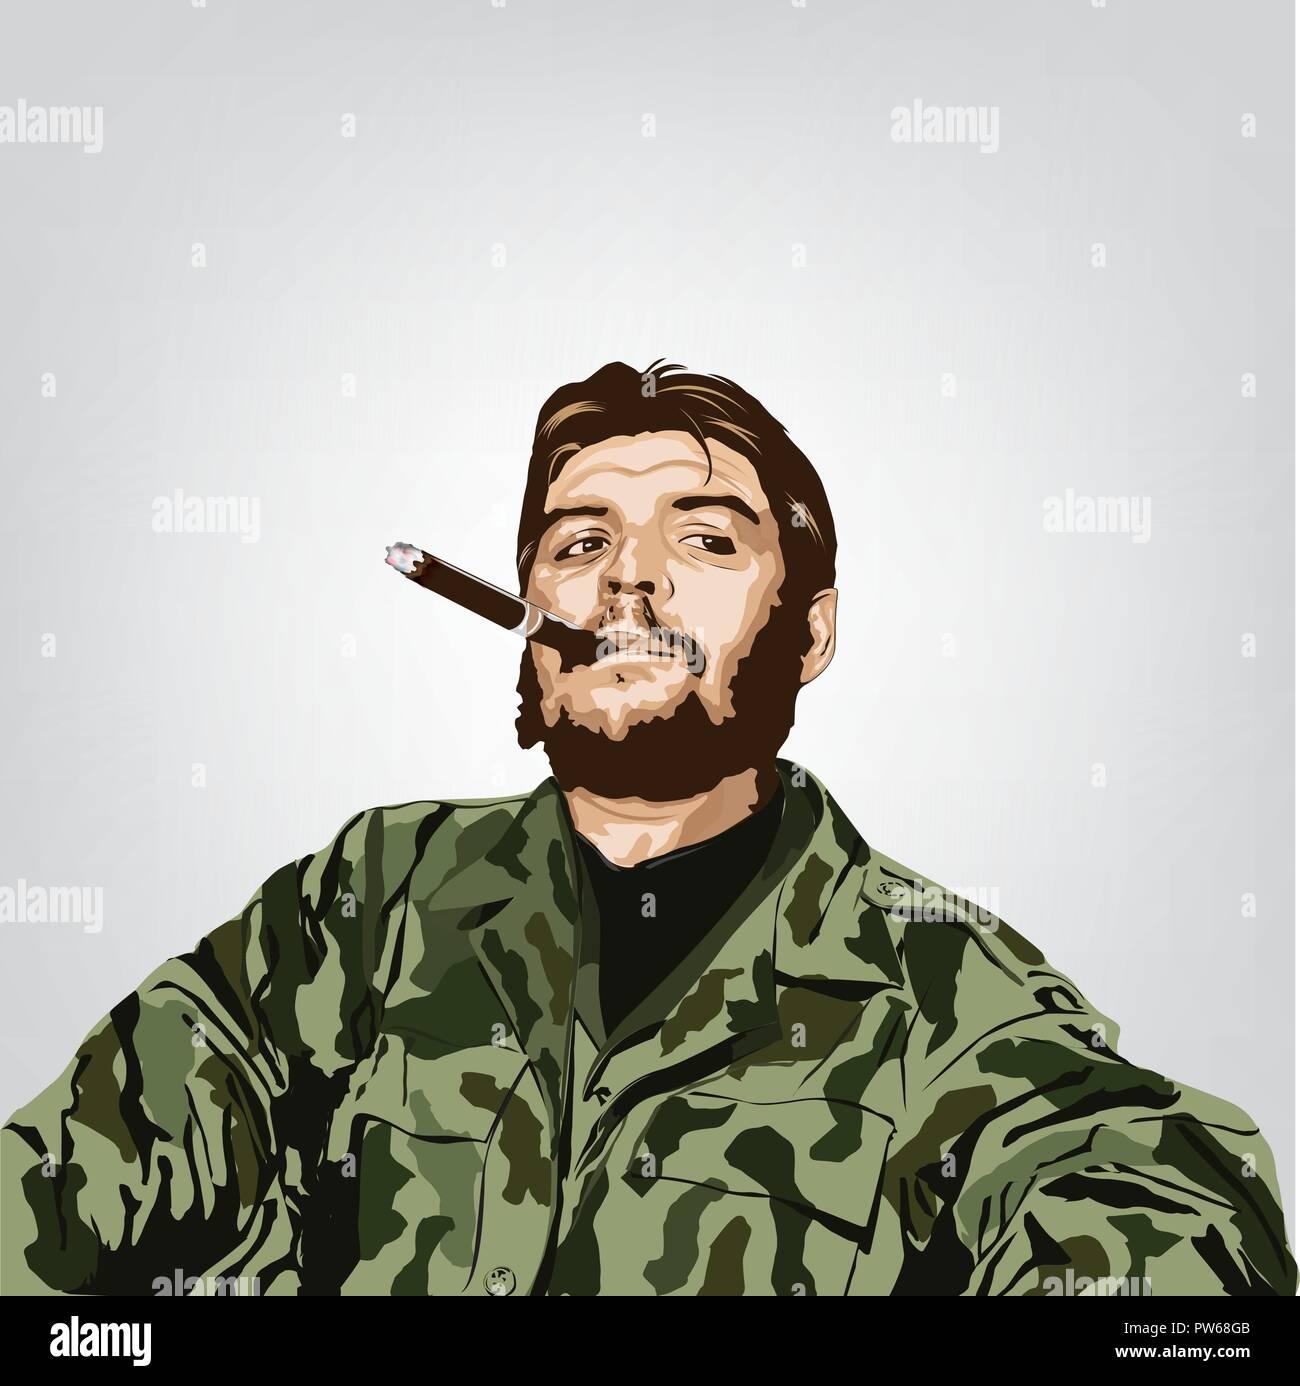 wholesale dealer f5b4e 857bd Ernesto  Che  Guevara(1928 - 1967 ) était un révolutionnaire marxiste. Une  grande figure de la révolution cubaine. Image Vecteur de Che Guevara,